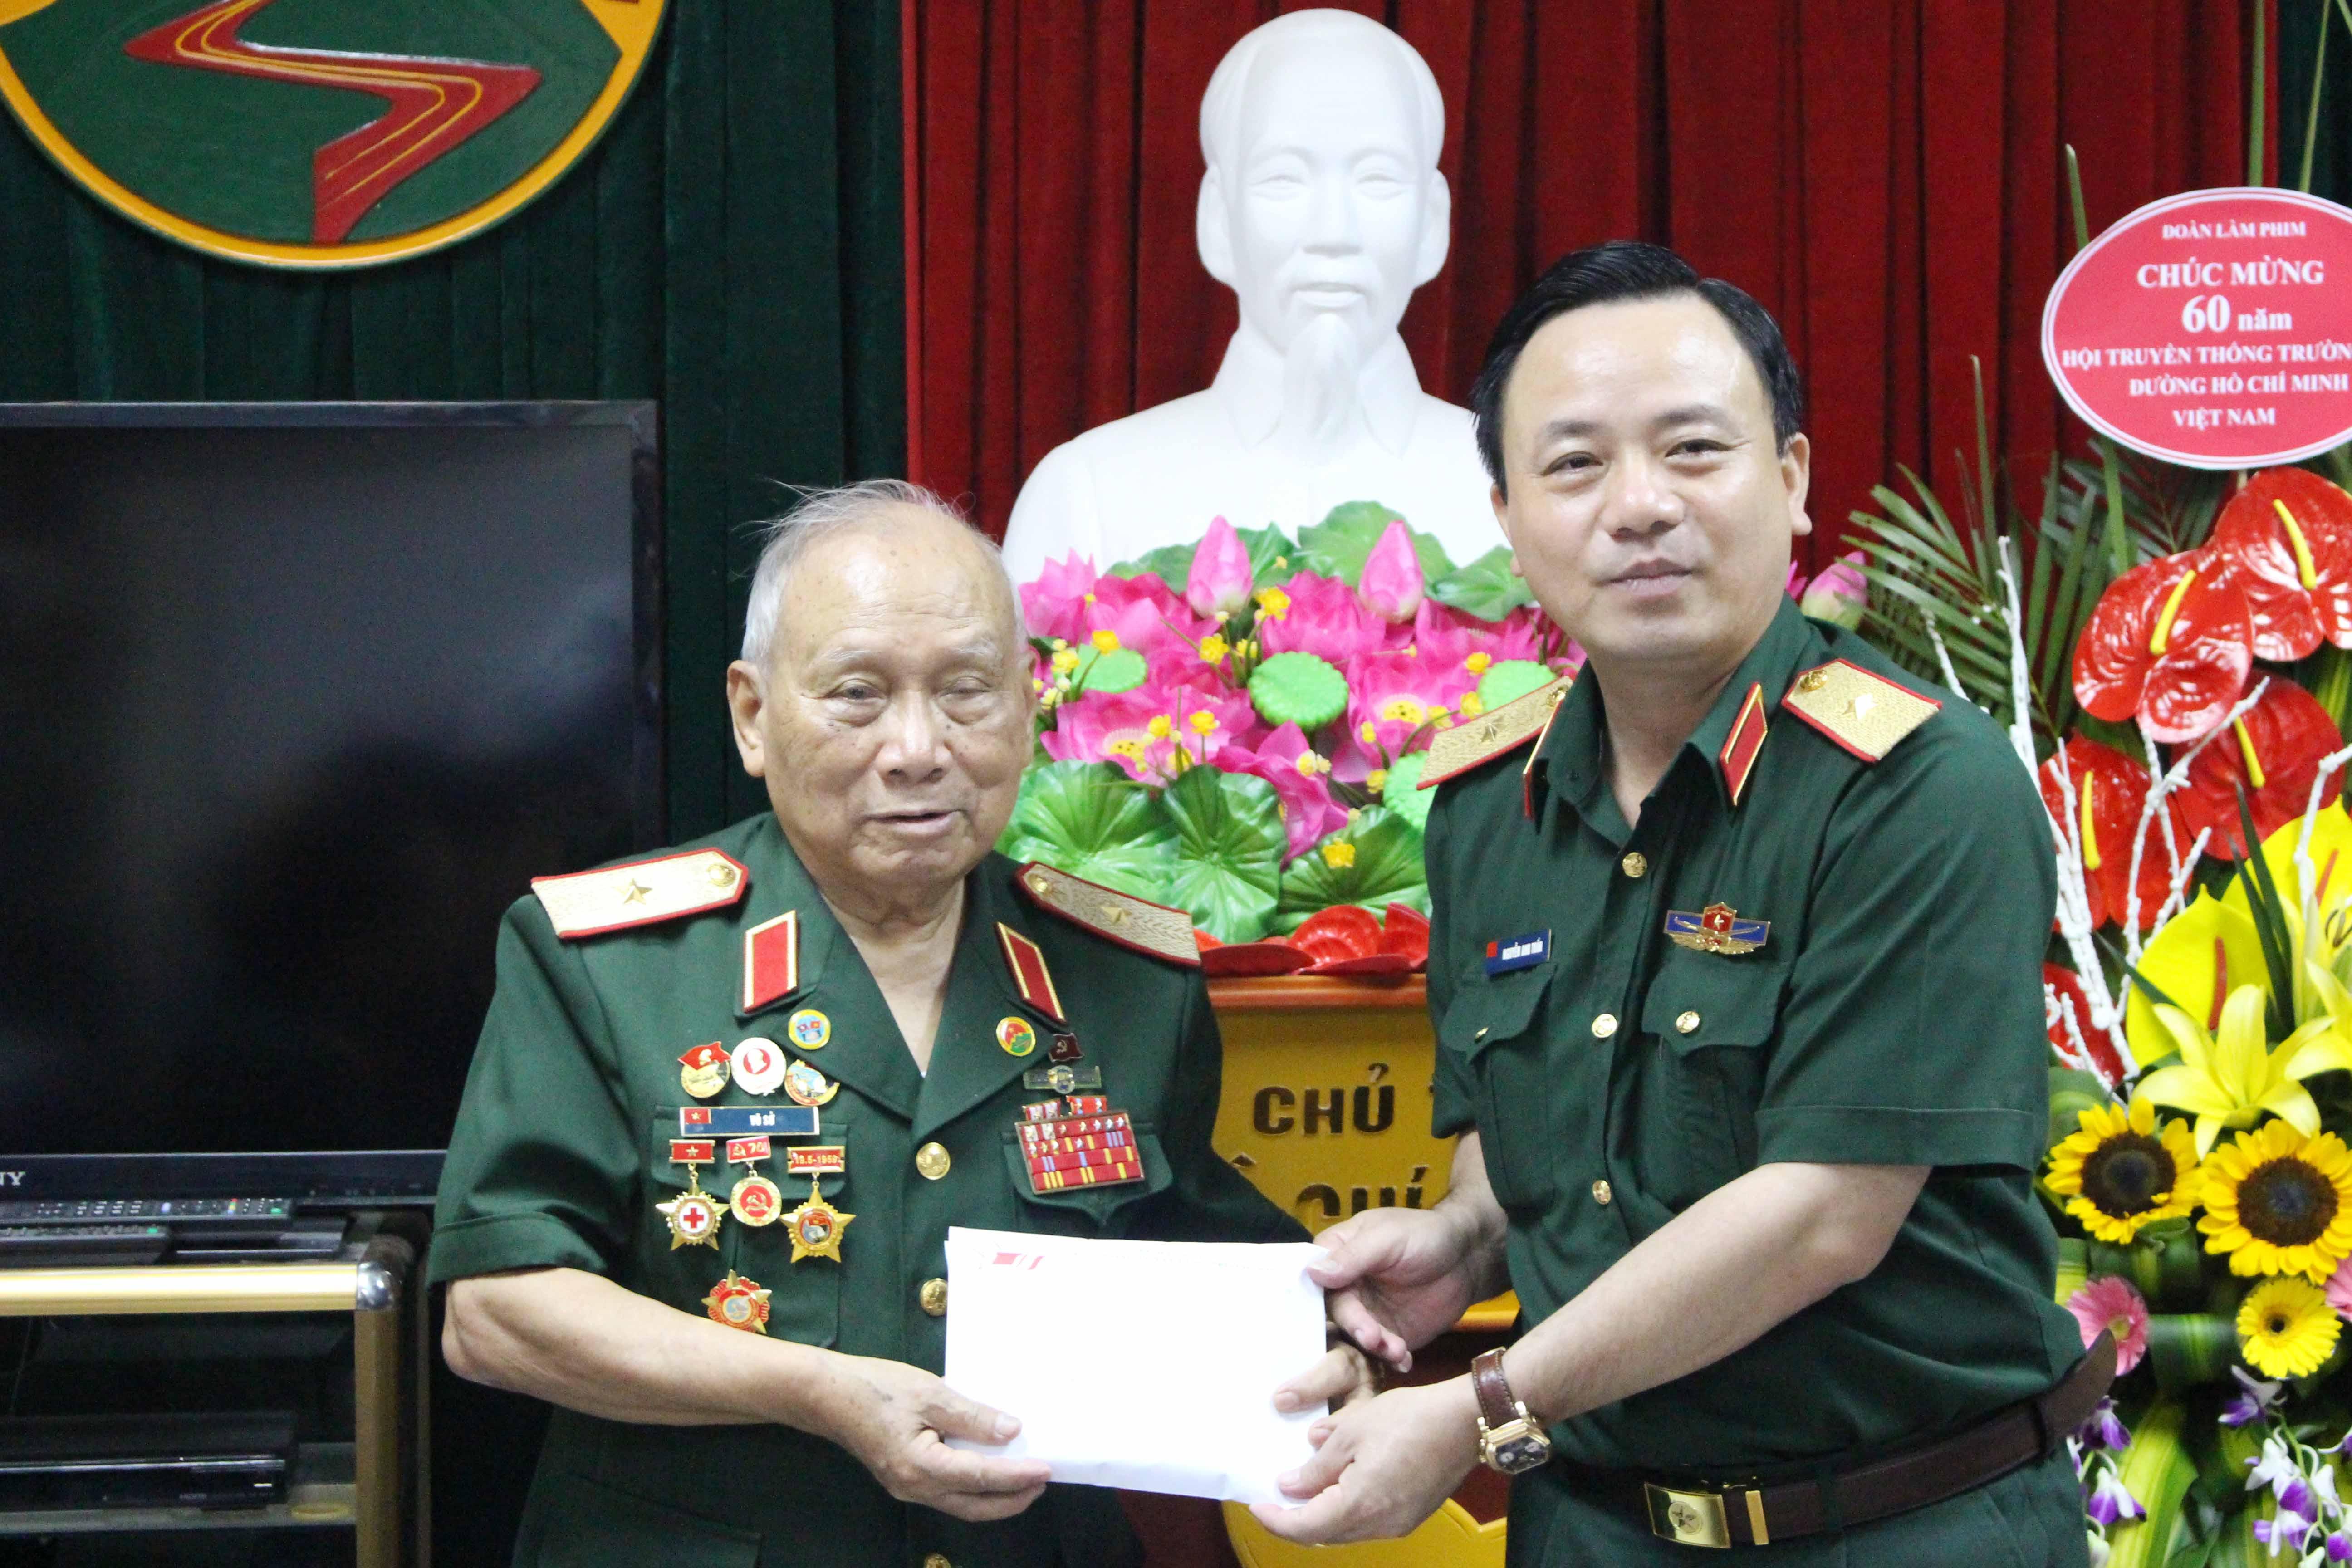 Binh đoàn 12 tặng 200 triệu đồng, tặng sách cho Hội.